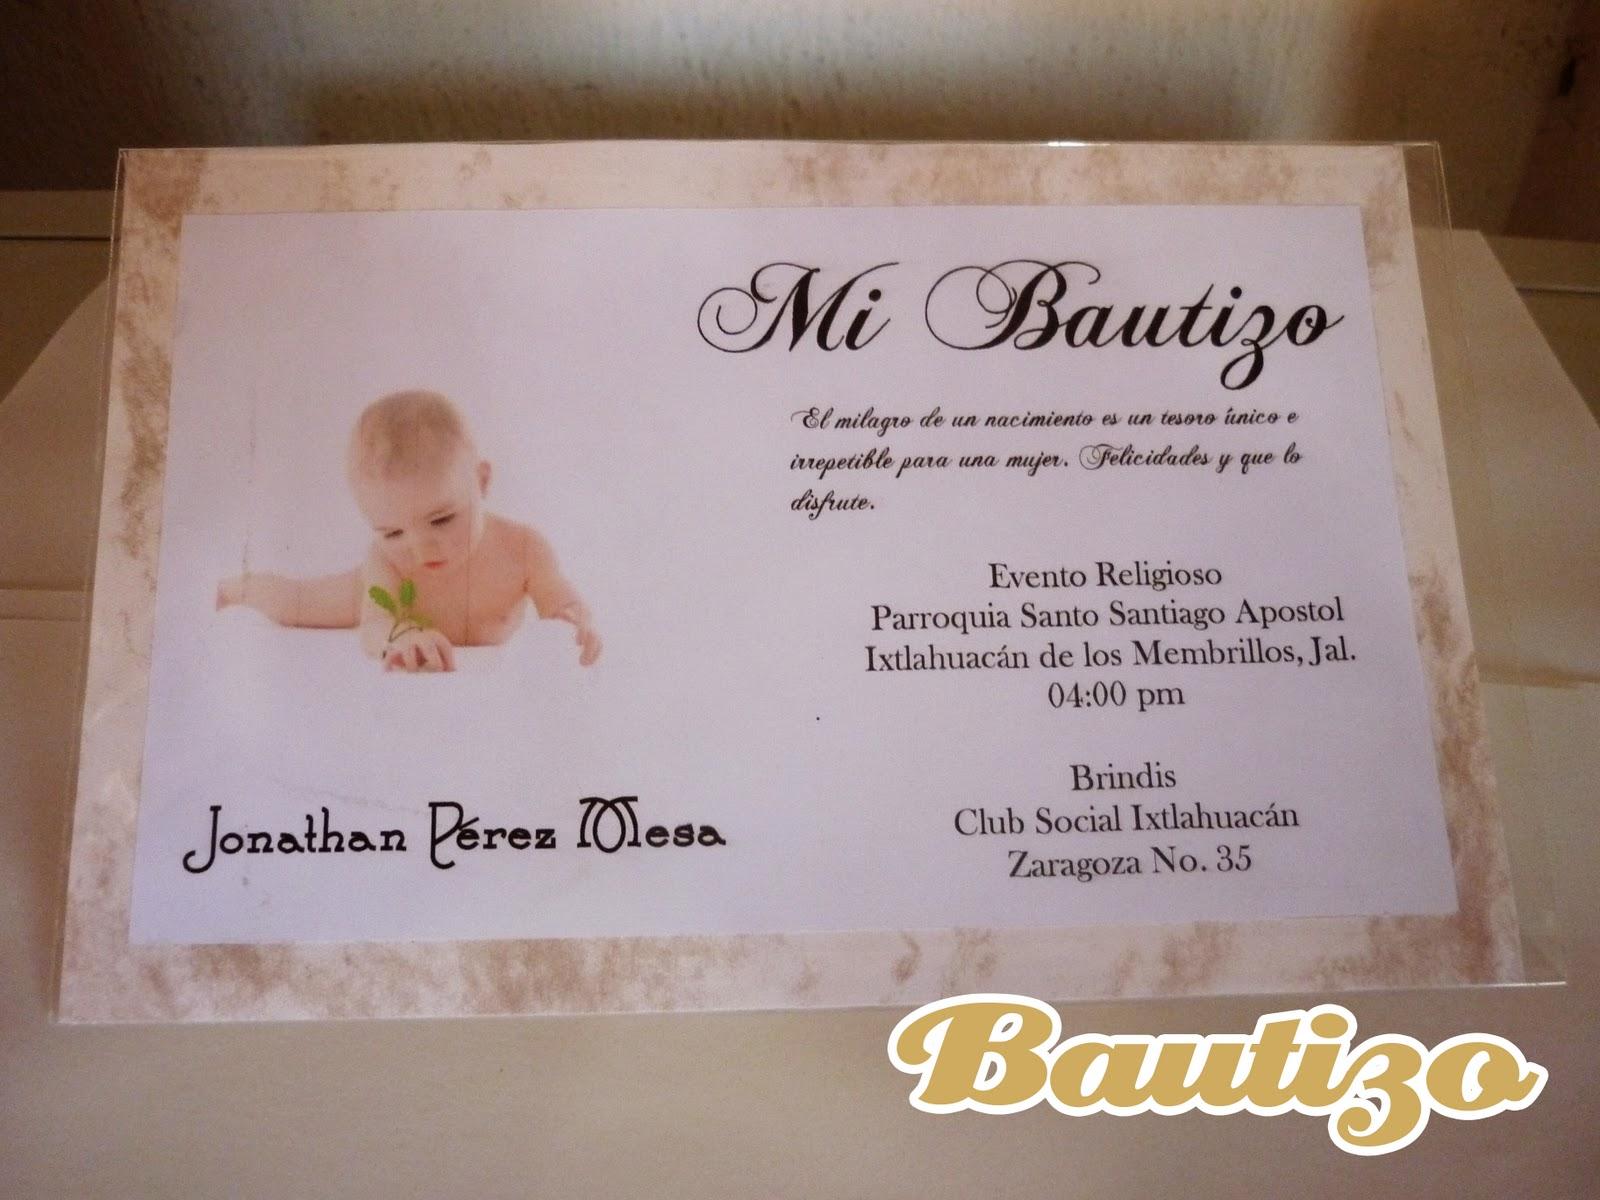 Invitación para Bautizo.